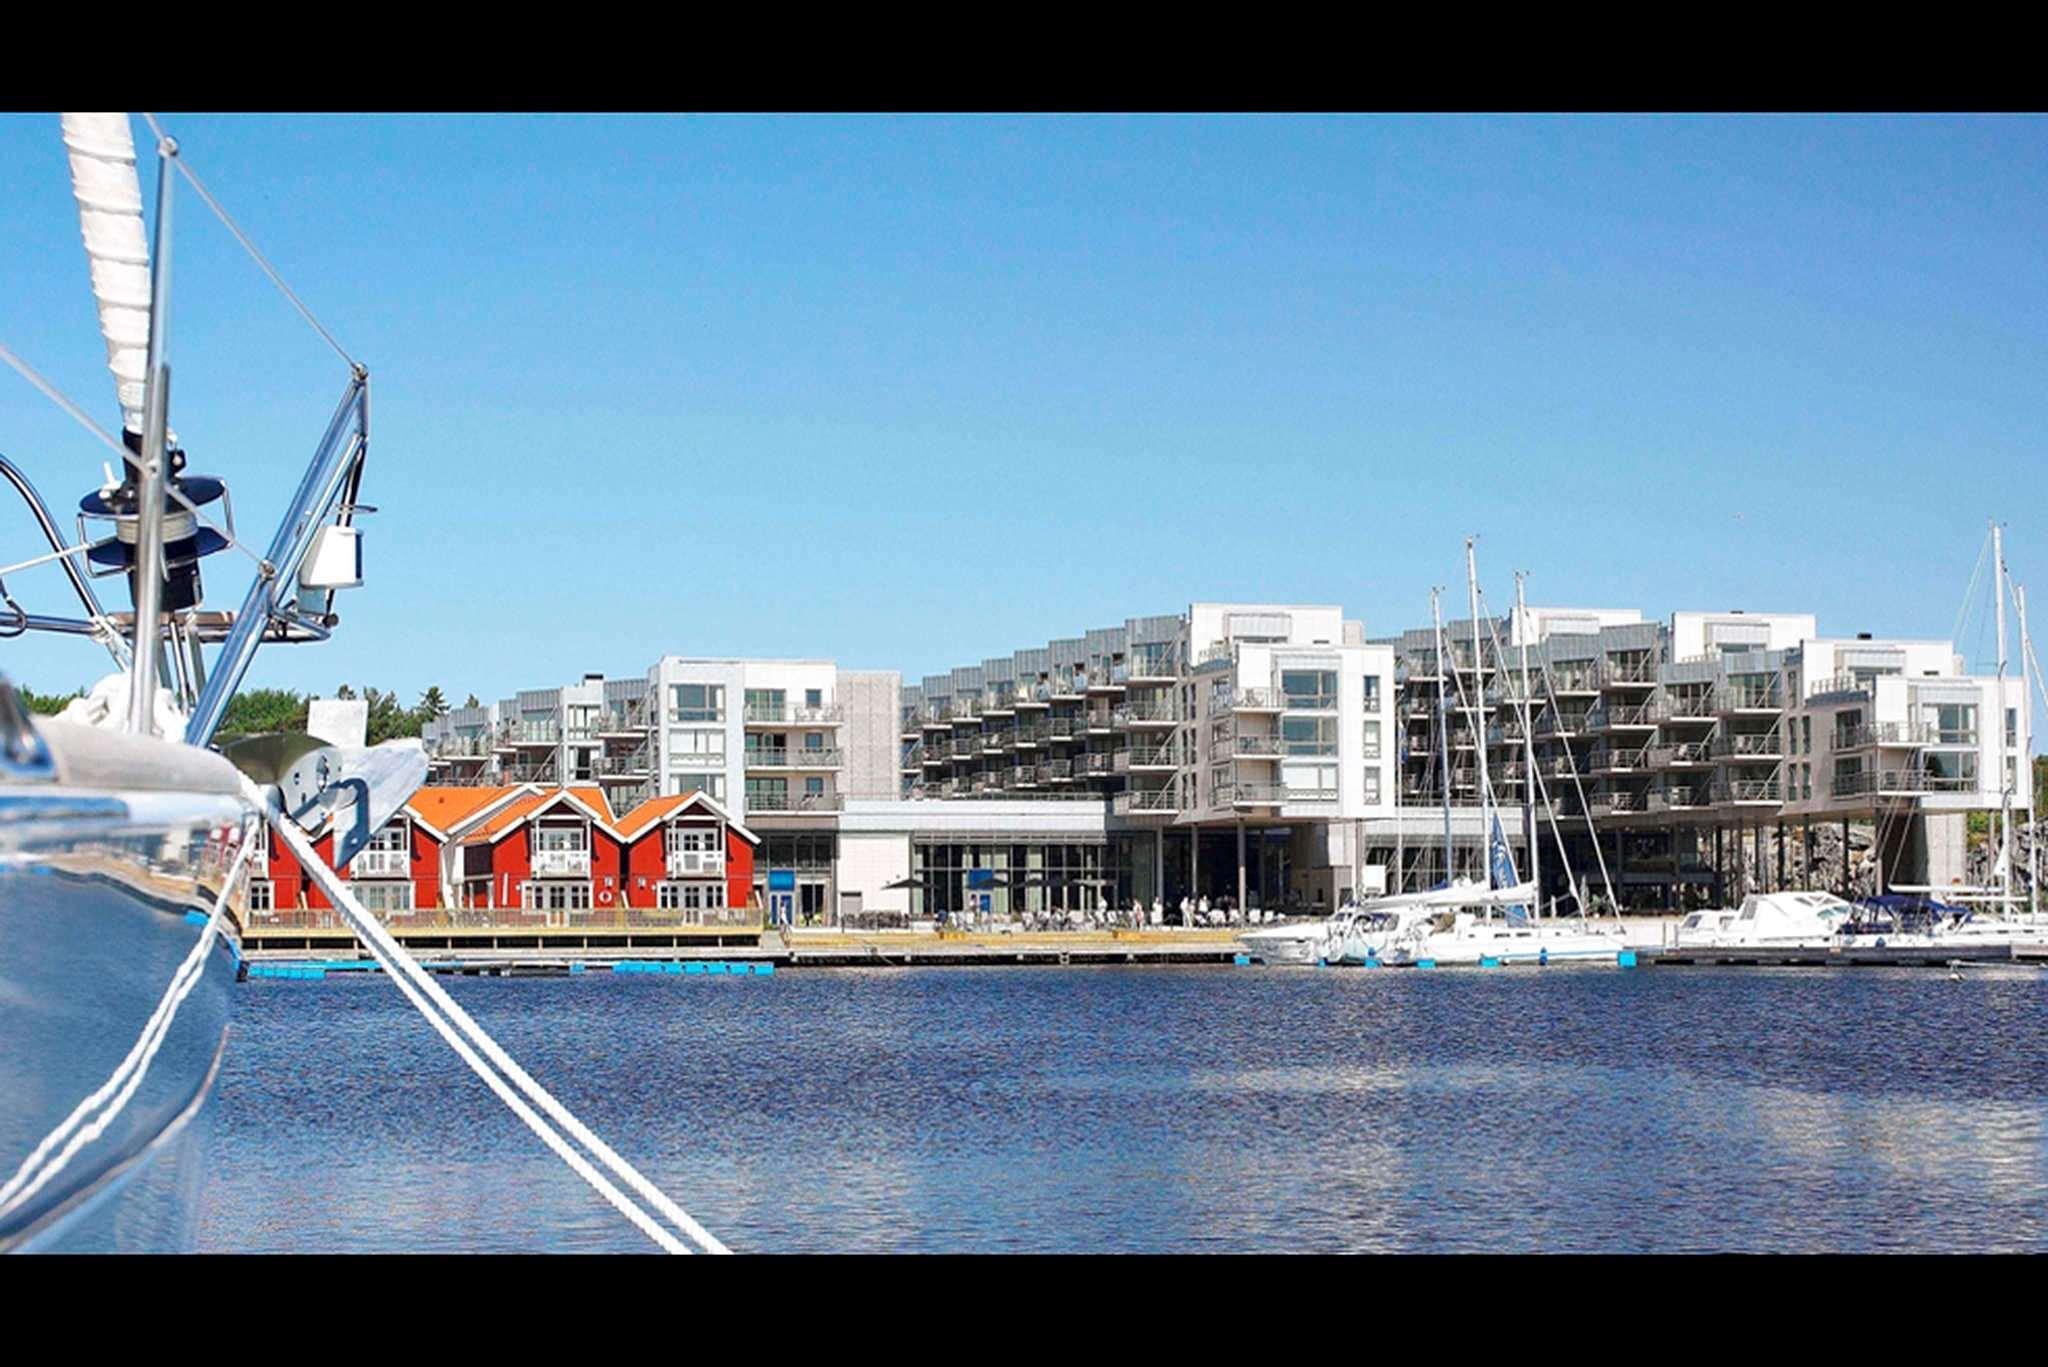 Stromstad Spa & Resort, Strömstad